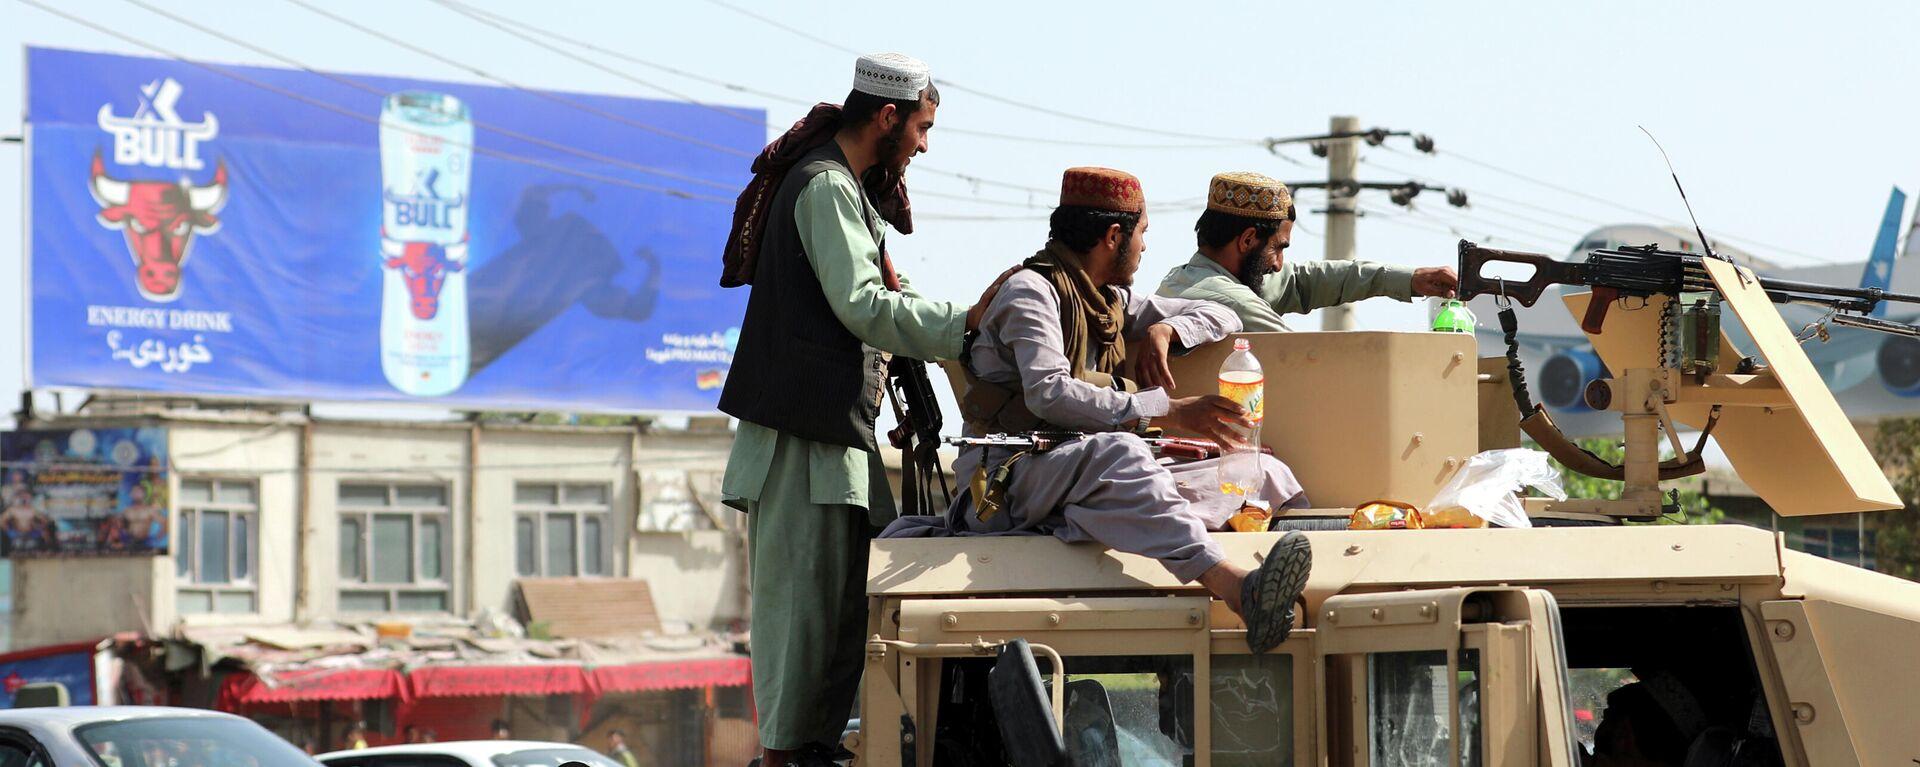 Талибани испред аеродрома у Кабулу - Sputnik Србија, 1920, 18.08.2021